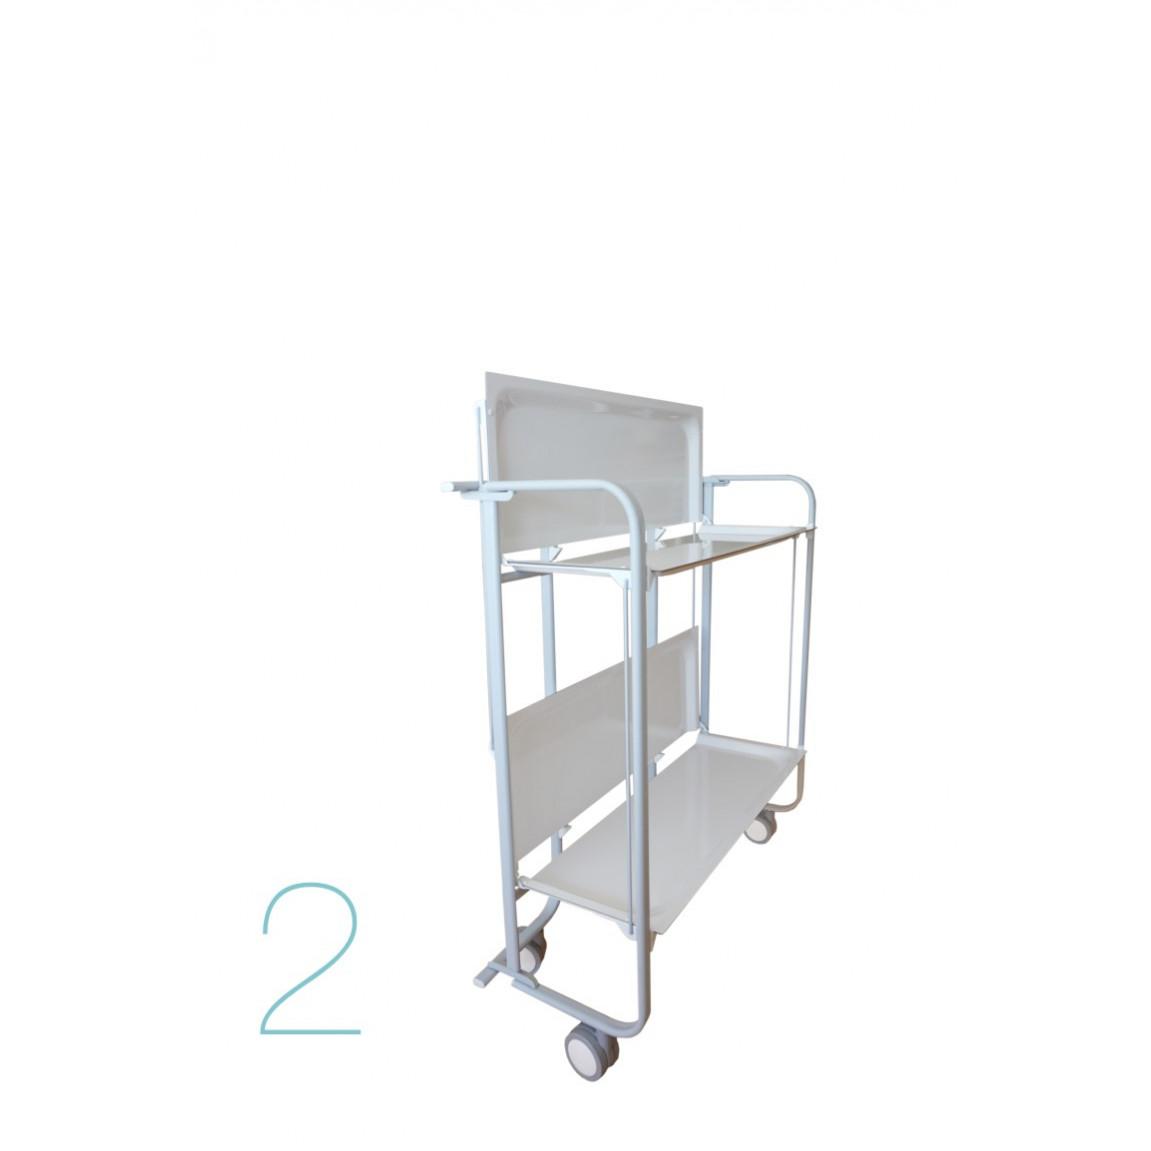 Faltbarer 2-stöckiger Servierwagen | Weiß 90